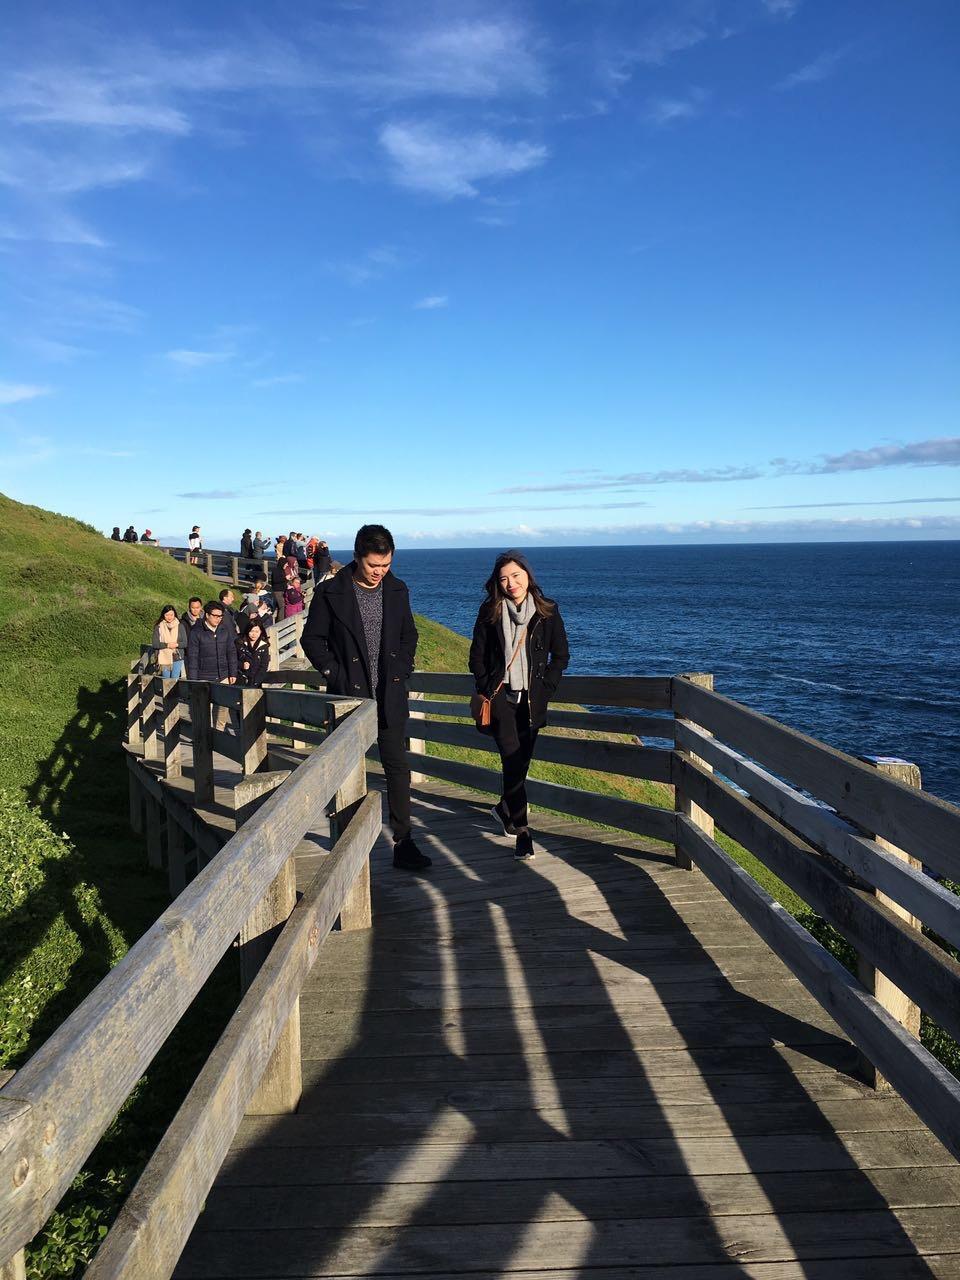 The Nobbies Boardwalk  Credit: Teresa Taing